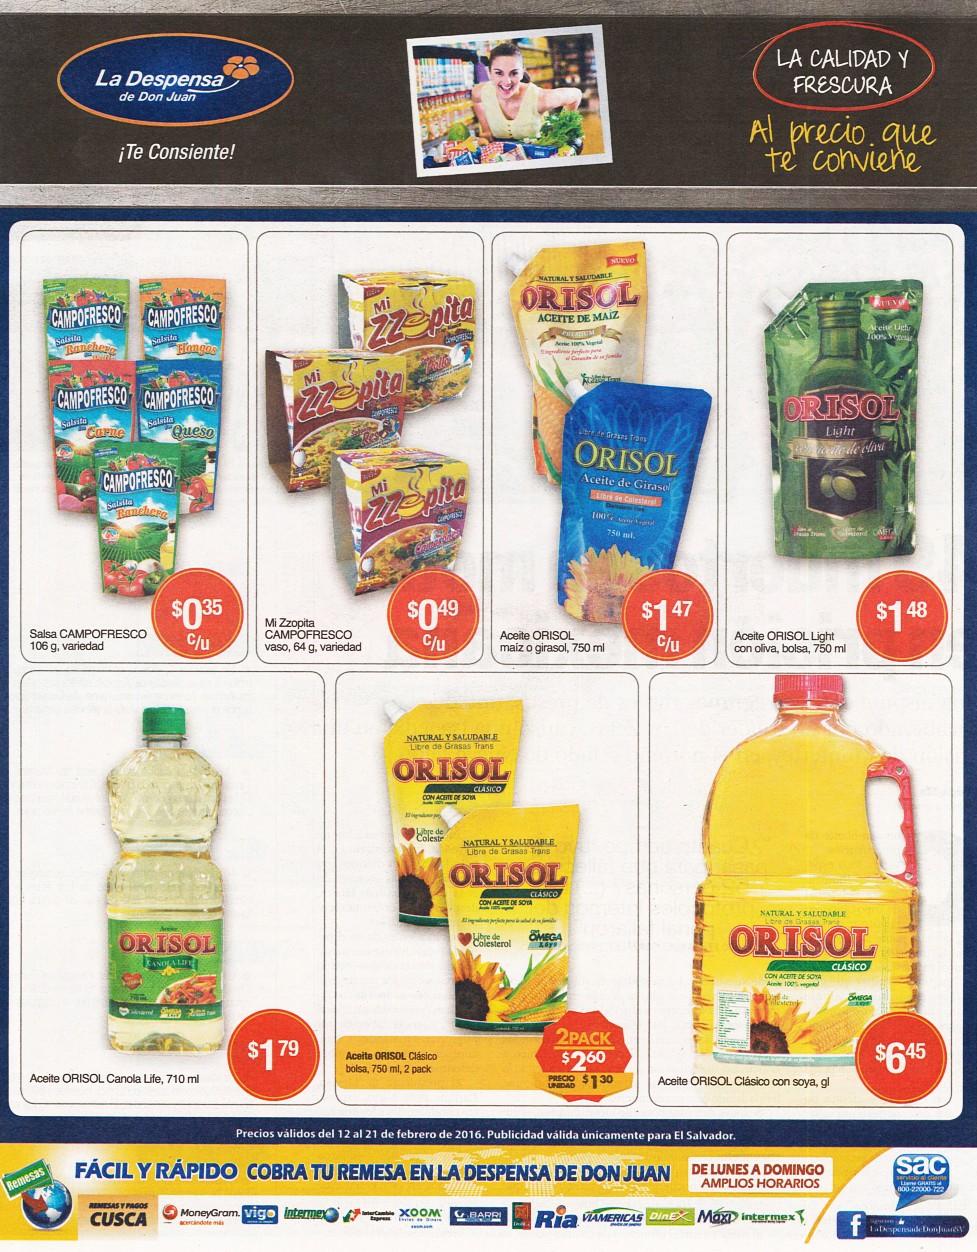 Festival de aceite ORISOL ofertas la despensa de don juan - 12feb16